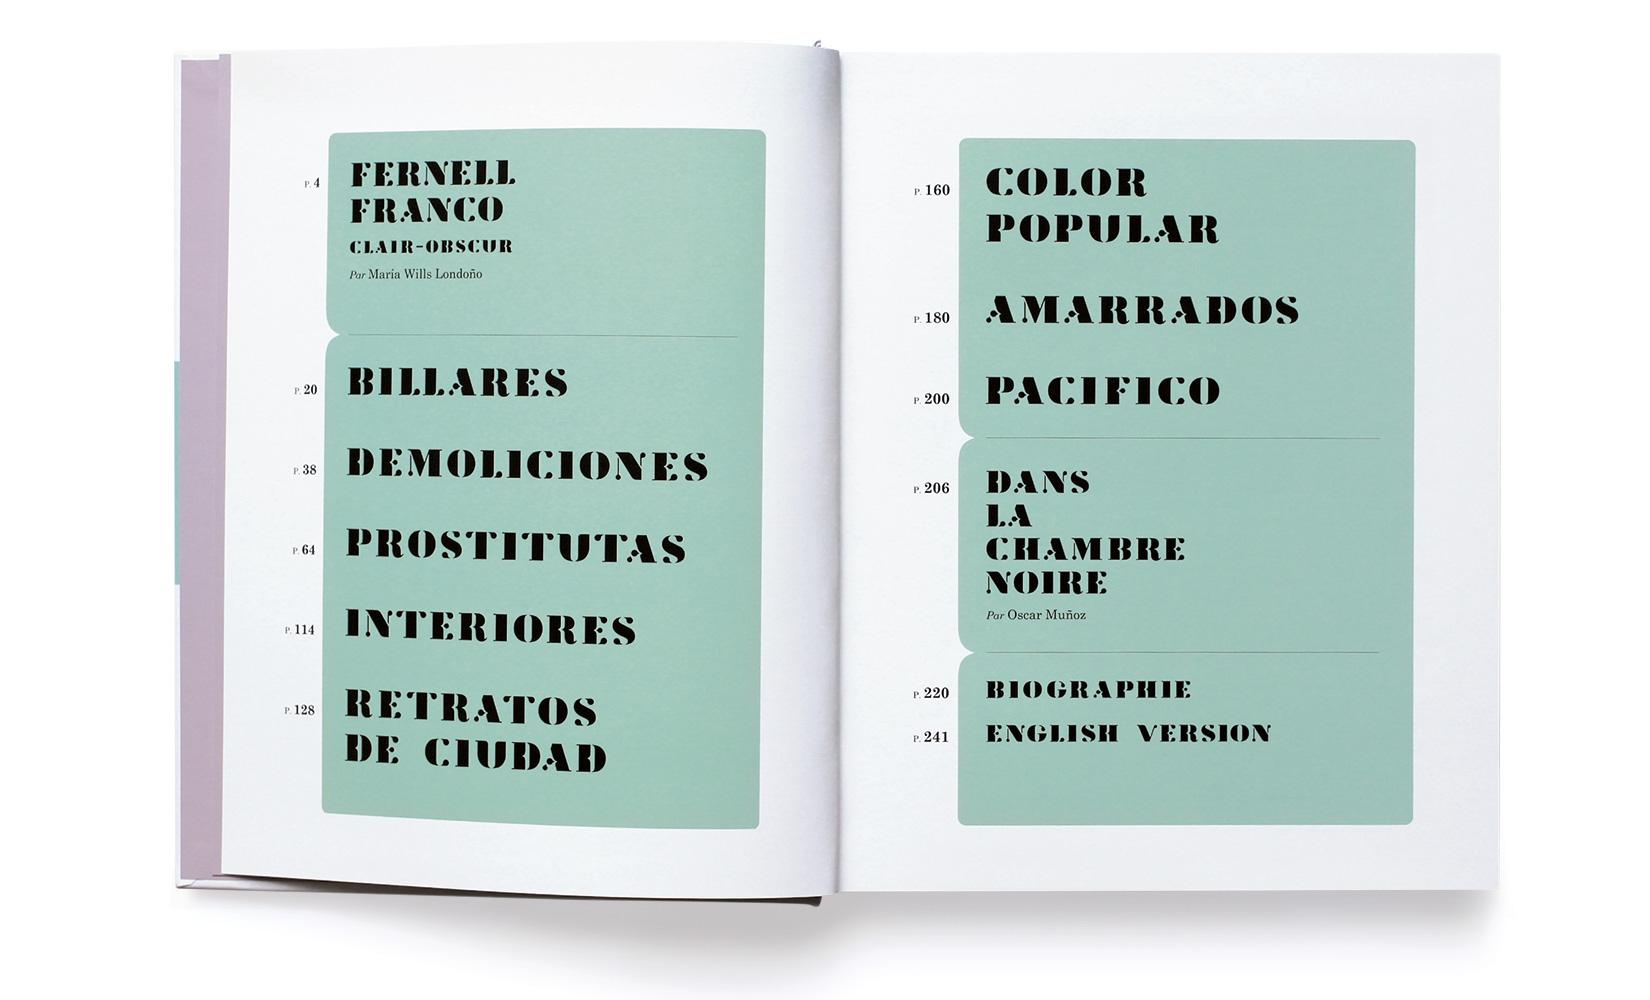 Fernell-franco-fondation-cartier-02.jpg